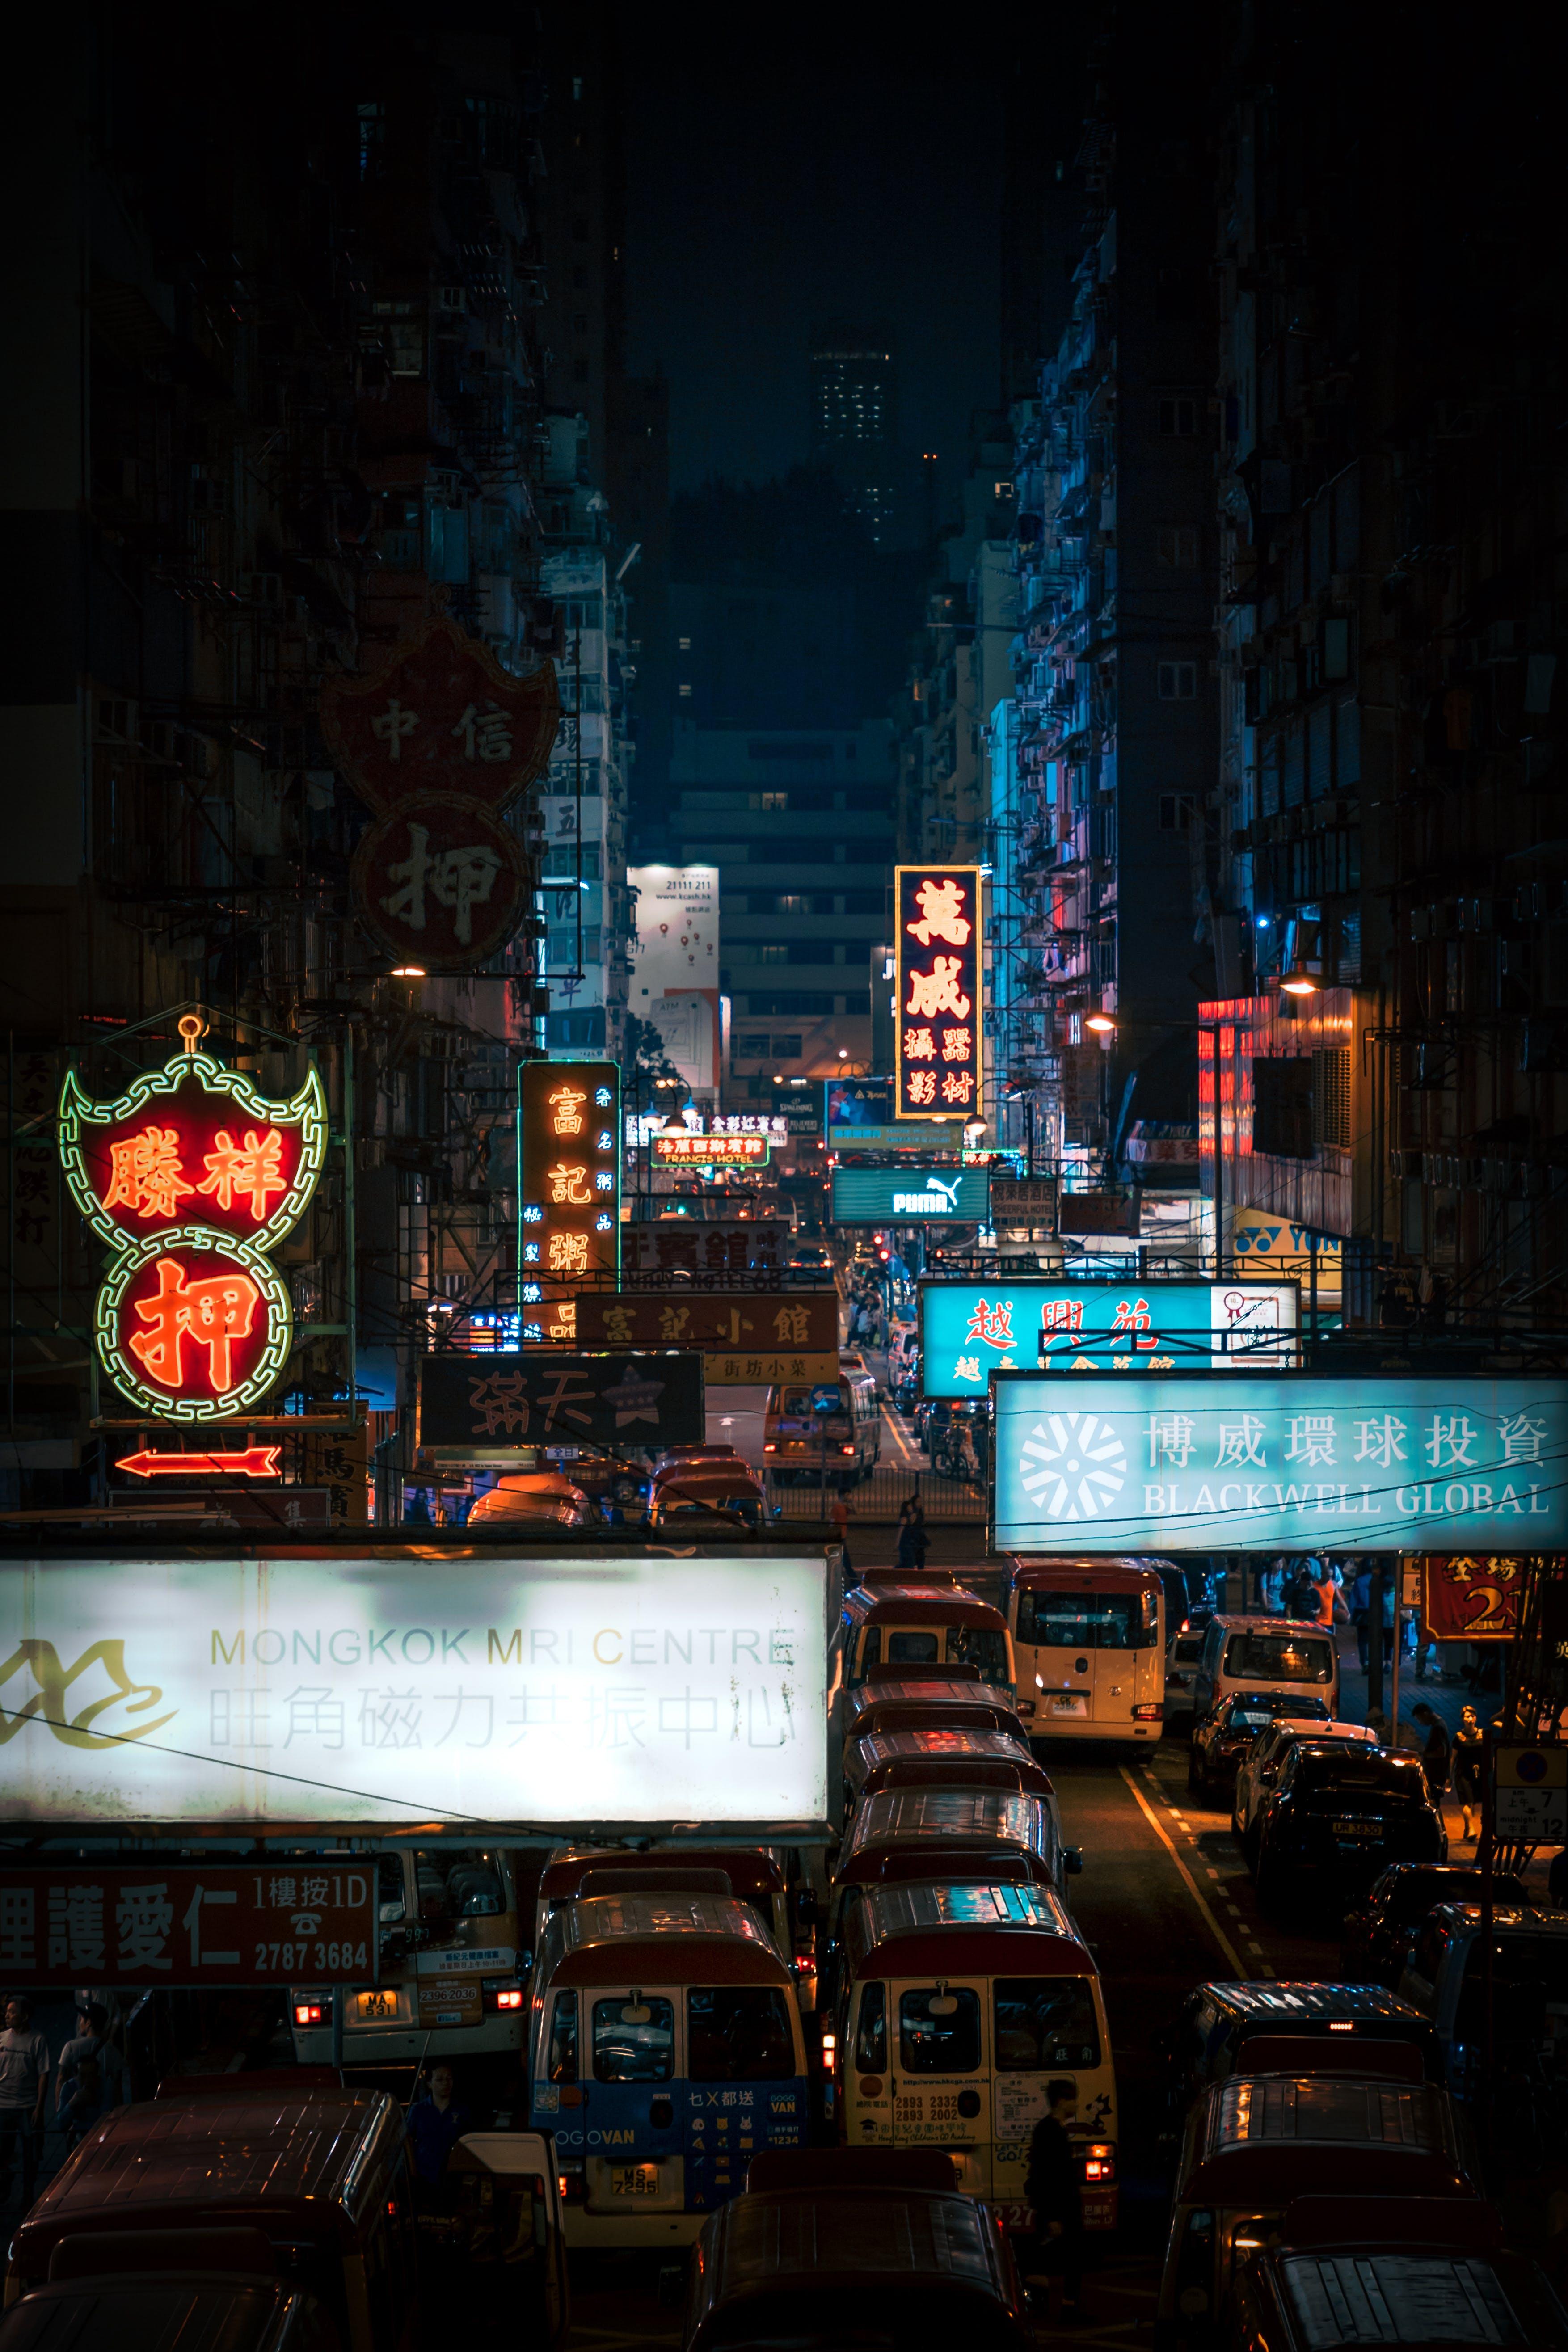 交通, 城市, 市中心, 建築 的 免費圖庫相片